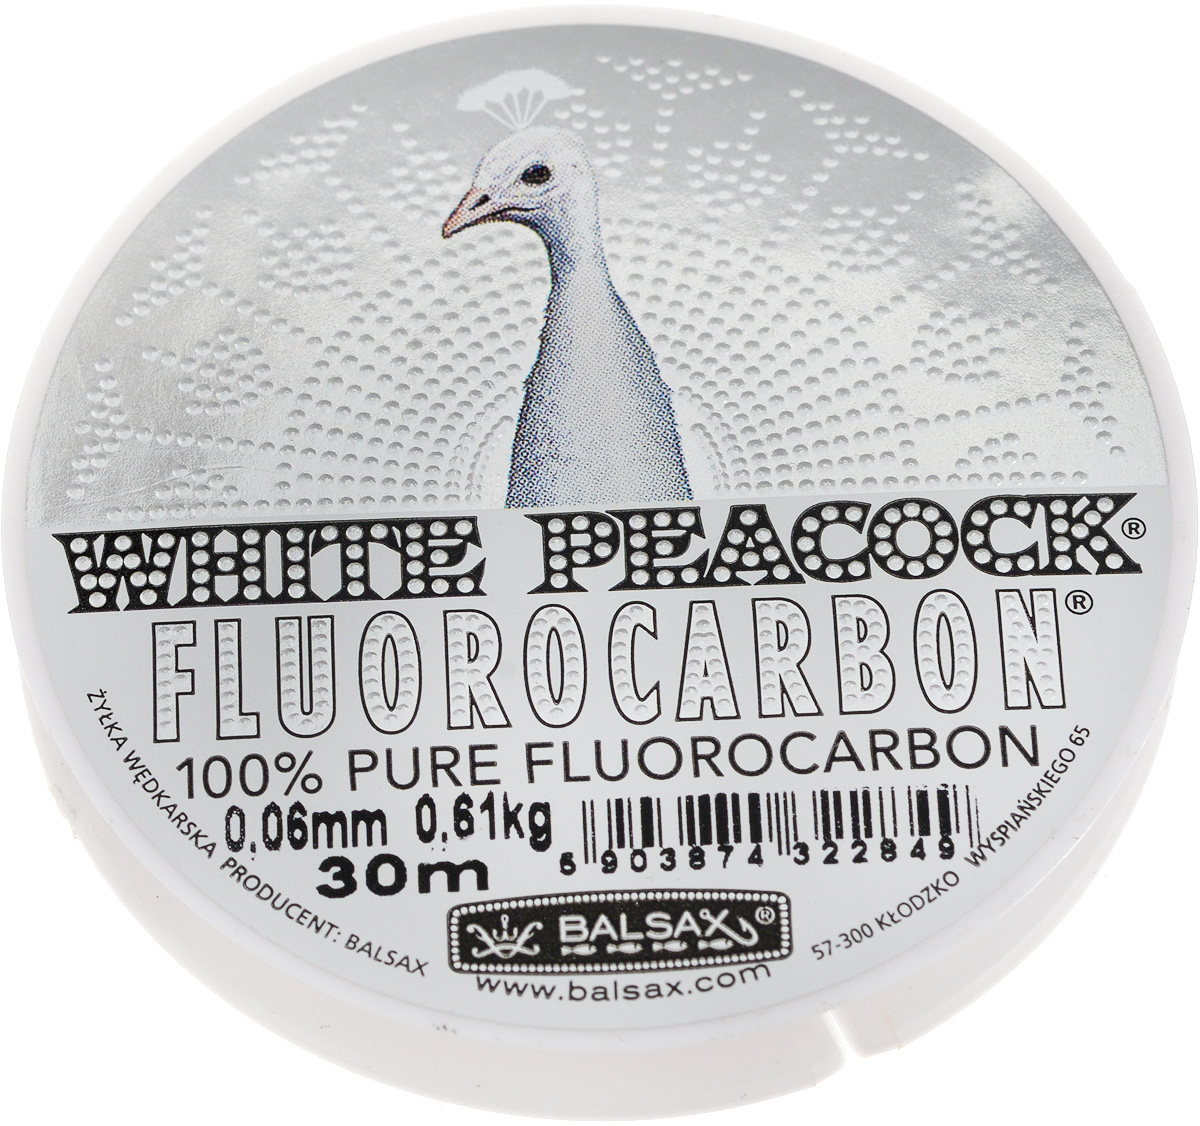 Леска флюорокарбоновая Balsax White Peacock, 30 м, 0,06 мм, 0,61 кг1232672Флюорокарбоновая леска Balsax White Peacock становится абсолютно невидимой в воде. Обычные лески отражают световые лучи, поэтому рыбы их обнаруживают. Флюорокарбон имеет приближенный к воде коэффициент преломления, поэтому пропускает сквозь себя свет, не давая отражений. Рыбы не видят флюорокарбон. Многие рыболовы во всем мире используют подобные лески в качестве поводковых, благодаря чему получают более лучшие результаты.Флюорокарбон на 50% тяжелее обычных лесок и на 78% тяжелее воды. Понятно, почему этот материал используется для рыболовных лесок, он тонет очень быстро. Флюорокарбон не впитывает воду даже через 100 часов нахождения в ней. Обычные лески впитывают до 10% воды в течение 24 часов, что приводит к потере 5 - 10% прочности. Сопротивляемость флюорокарбона к истиранию значительно больше, чем у обычных лесок. Он выдерживает температуры от -40°C до +160°C.